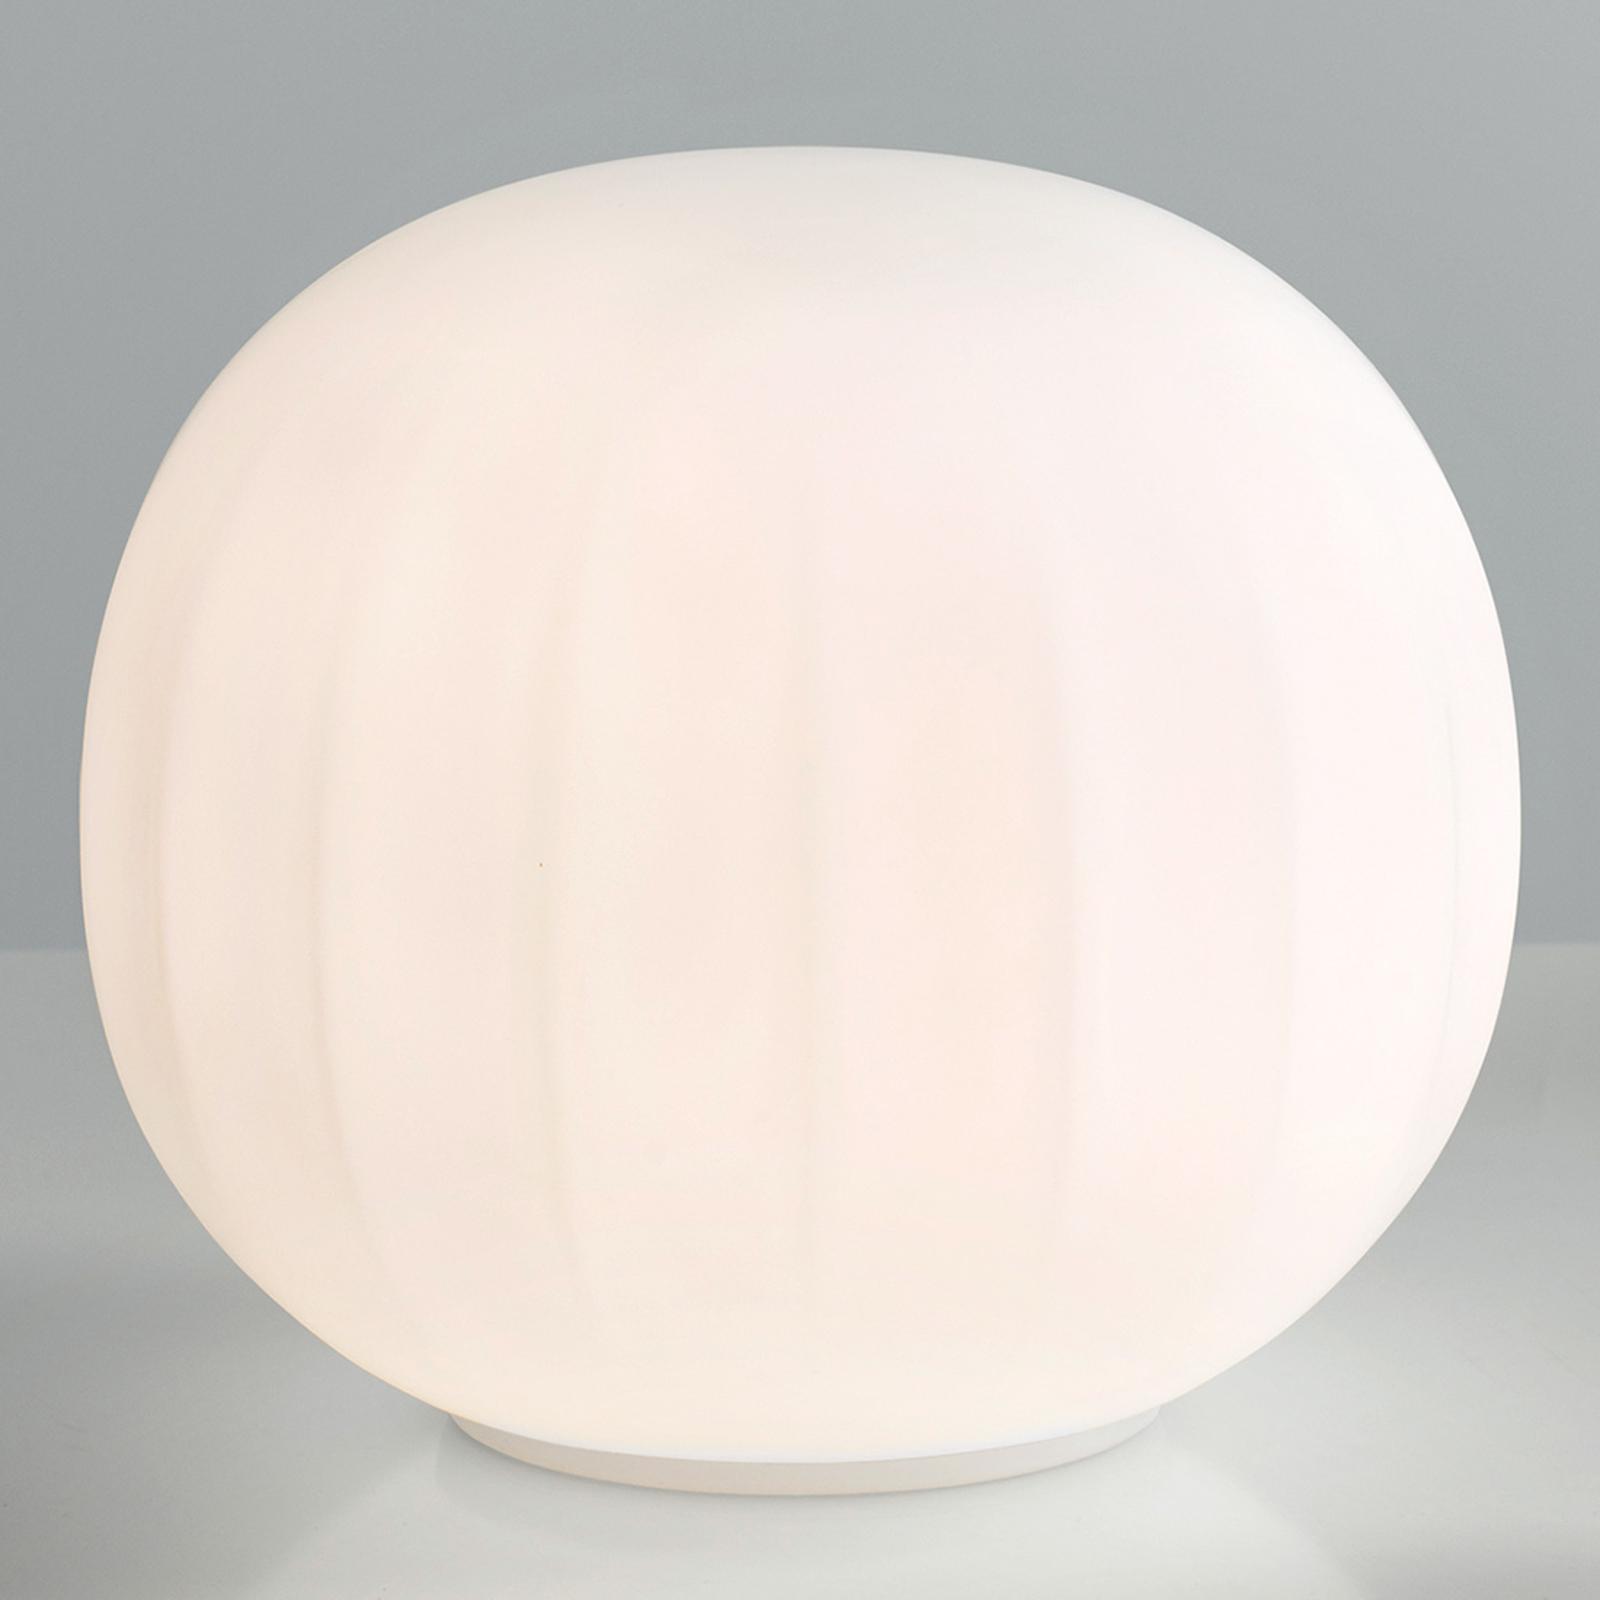 Luceplan Mesh tafellamp Ø 30 cm